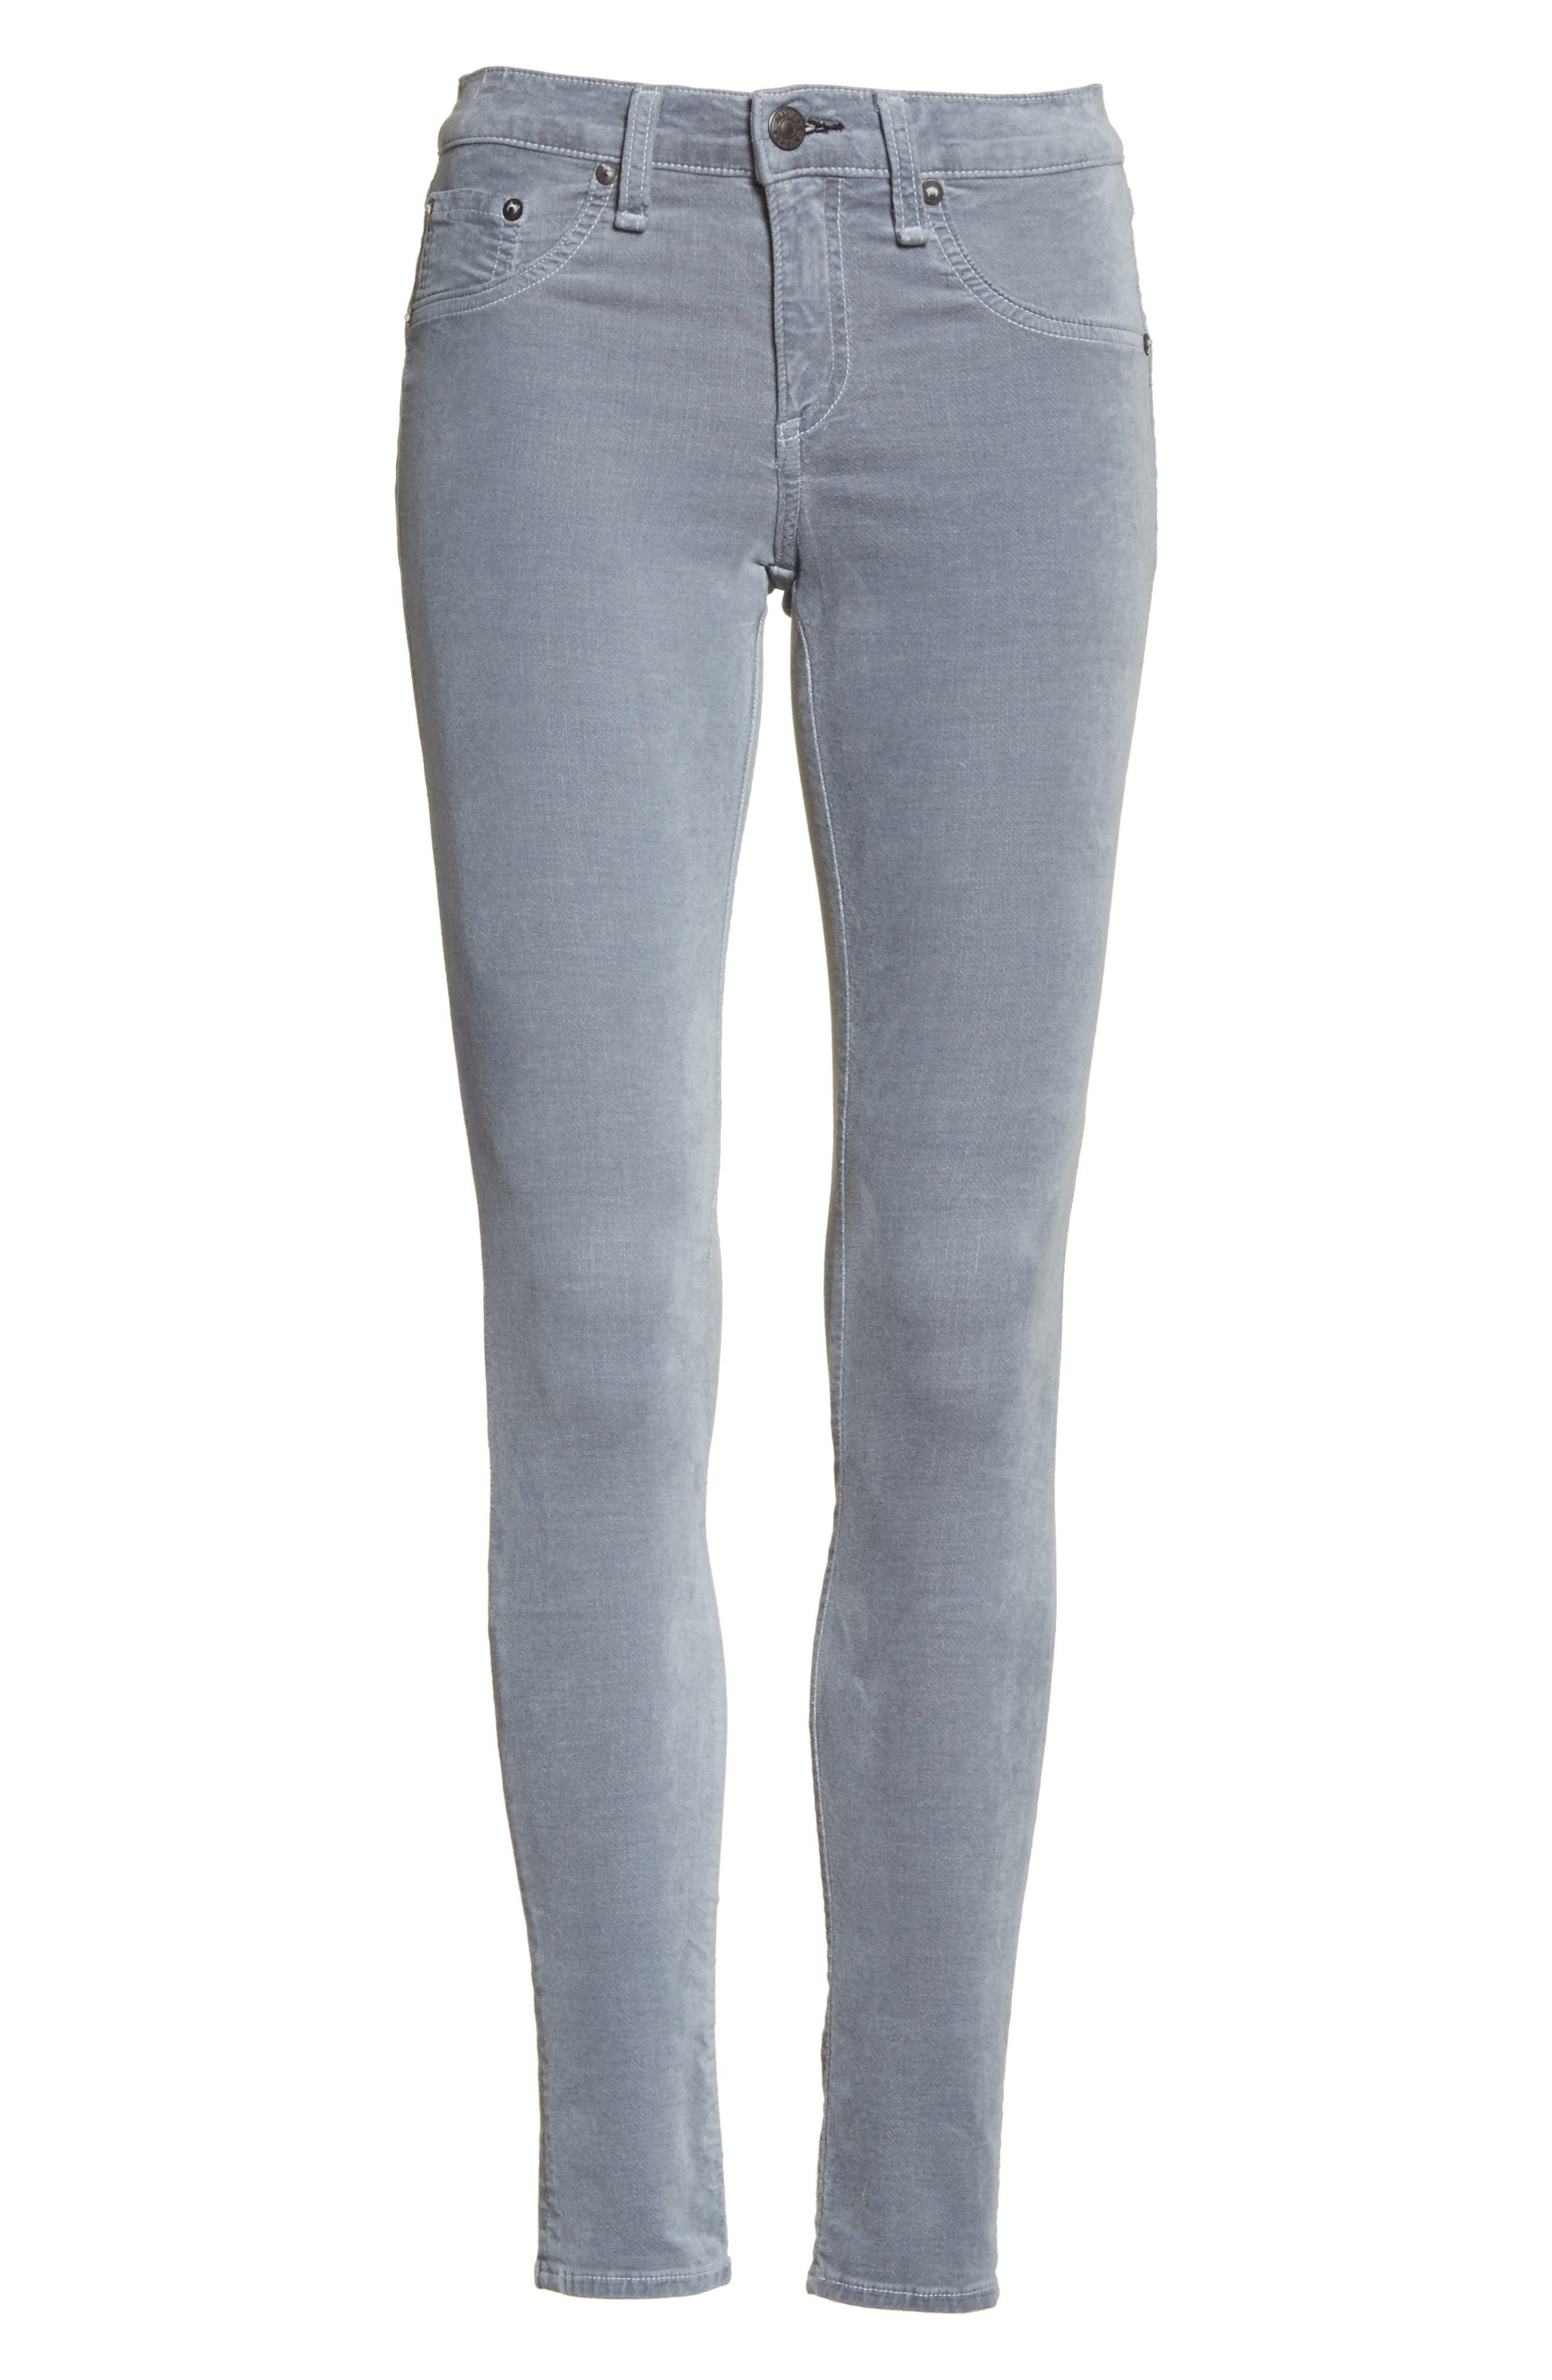 Velvet Skinny Jeans,                             Alternate thumbnail 6, color,                             Steel Blue Velvet